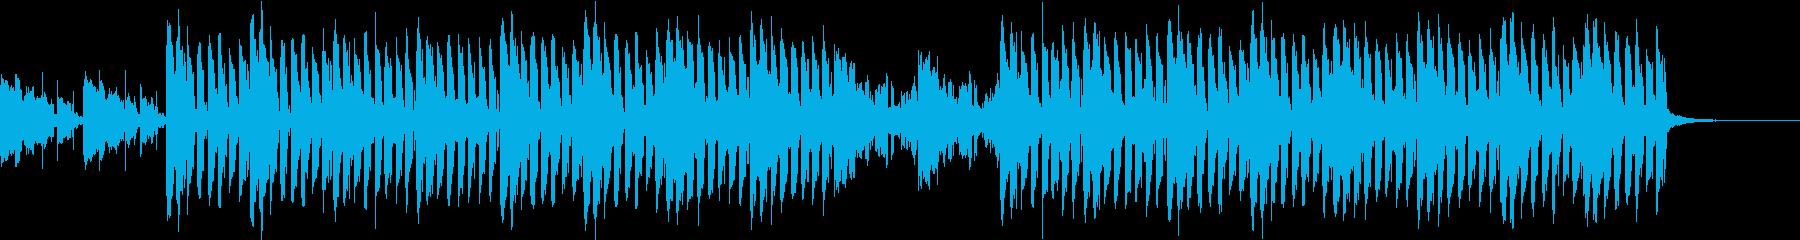 おしゃれ・クール・EDMの再生済みの波形